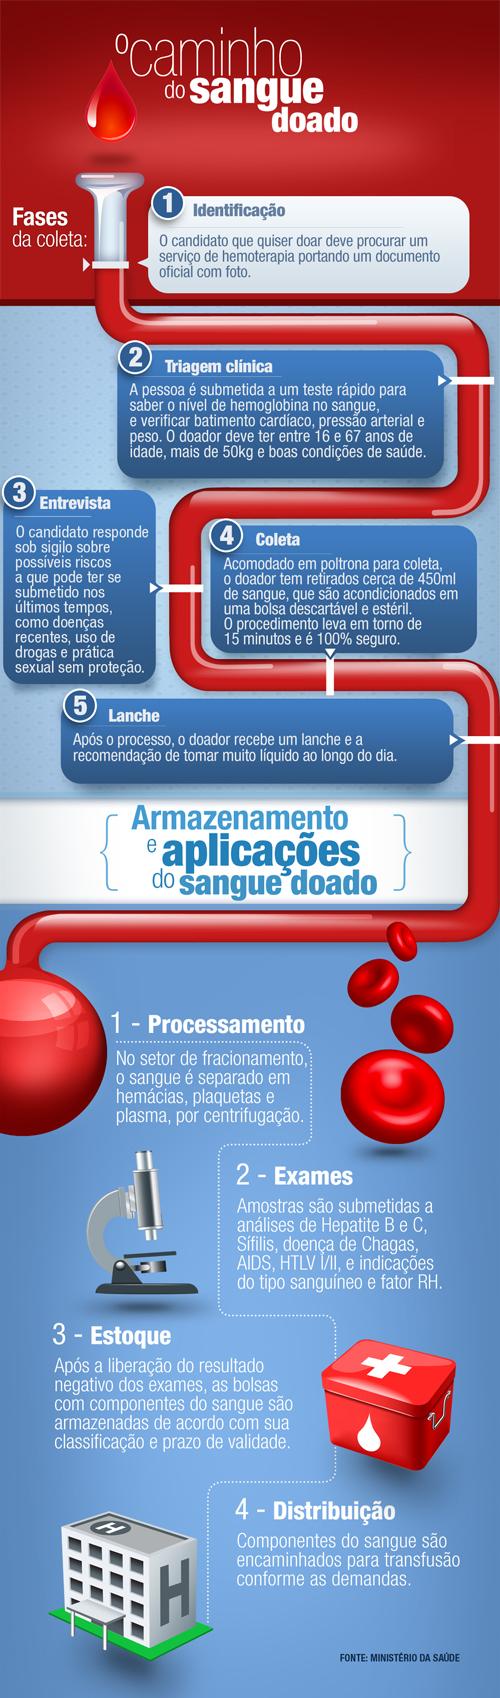 infografico-o-caminho-do-sangue-doado